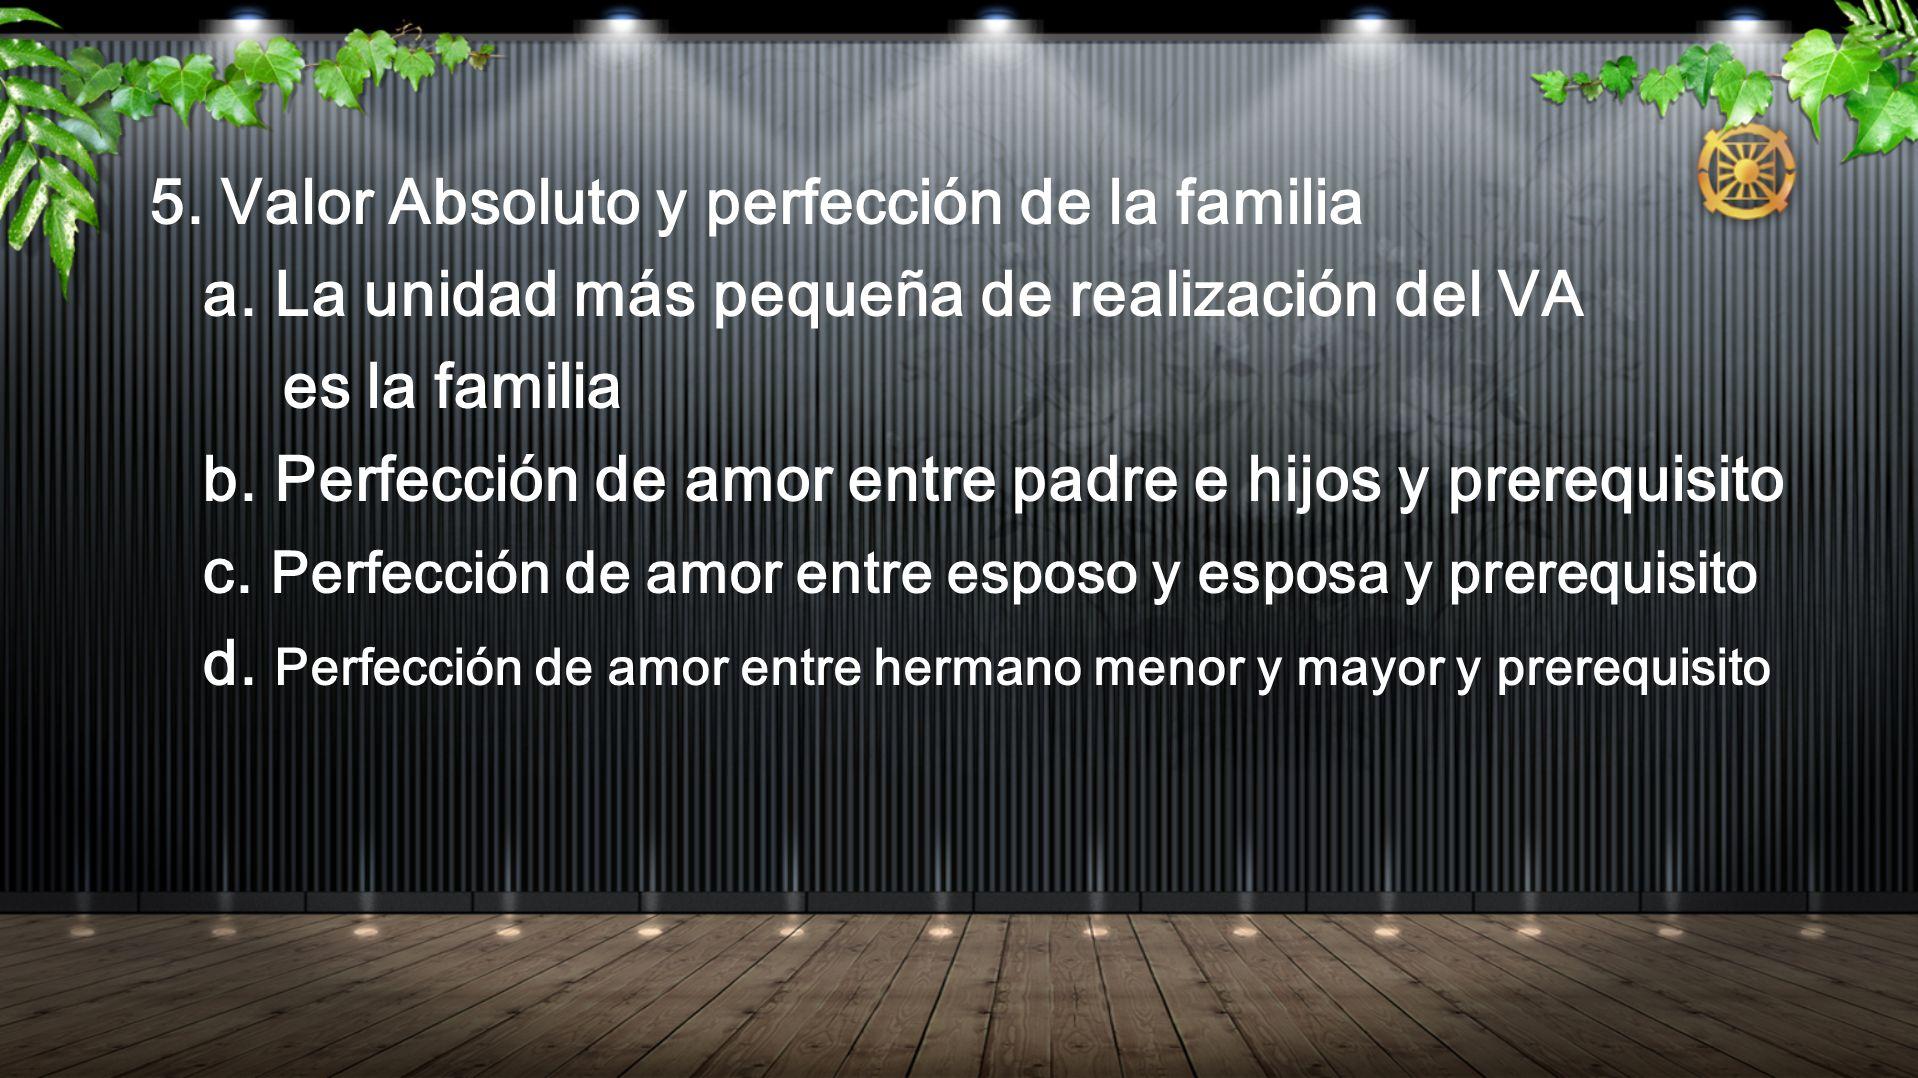 5. Valor Absoluto y perfección de la familia a. La unidad más pequeña de realización del VA es la familia b. Perfección de amor entre padre e hijos y